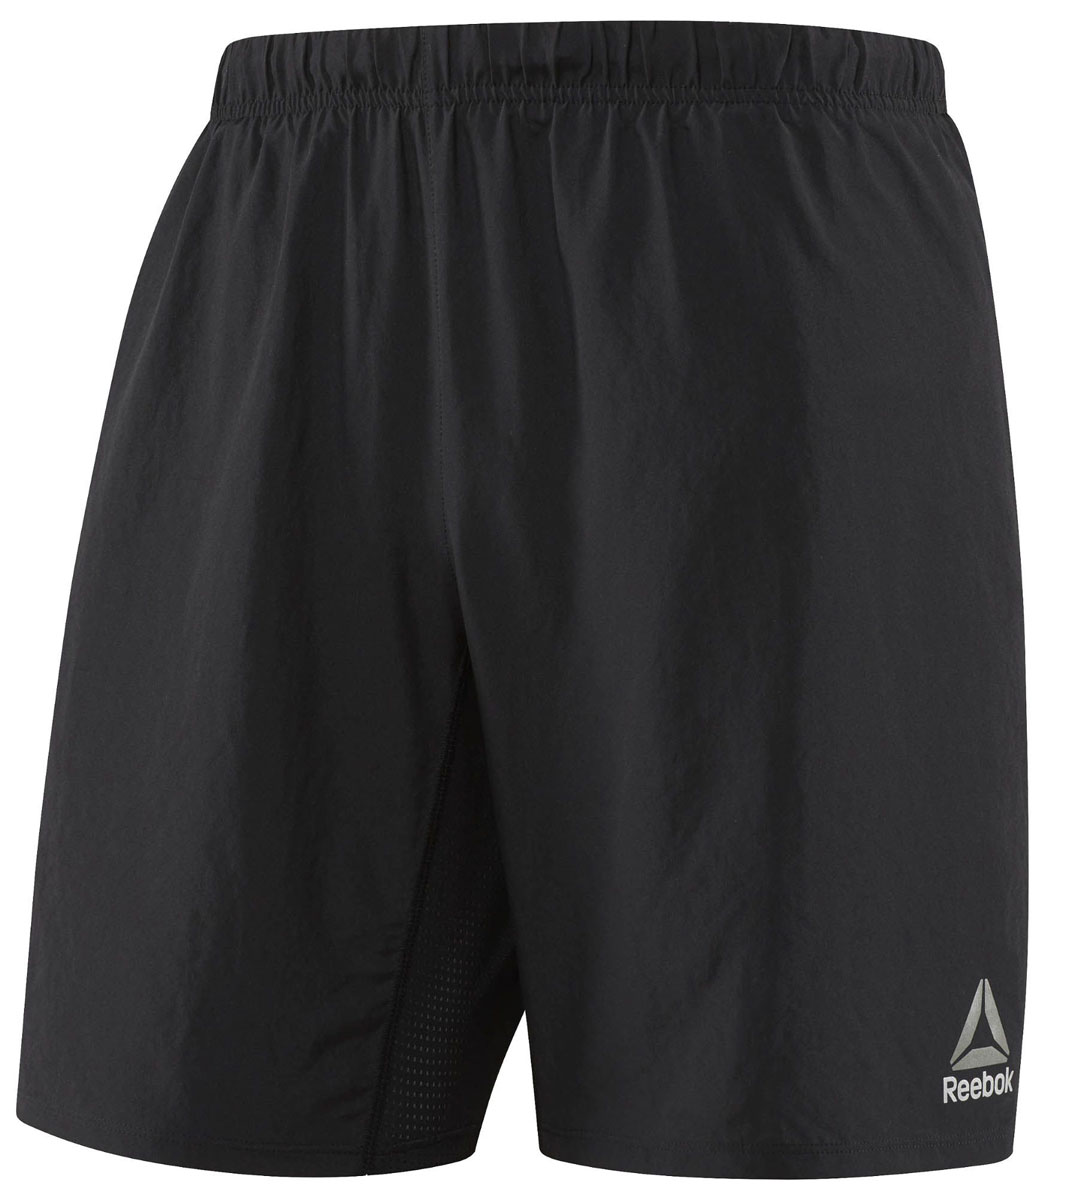 Шорты мужские Reebok Re 8 Inch Short, цвет: черный. BK2241. Размер M (48/50)BK2241Мужские шорты Reebok Re 8 Inch Short выполнены из высококачественного материала.Классический крой - шорты не слишком тесные и не слишком свободные. Отлично подходят для тренировок и повседневной носки.